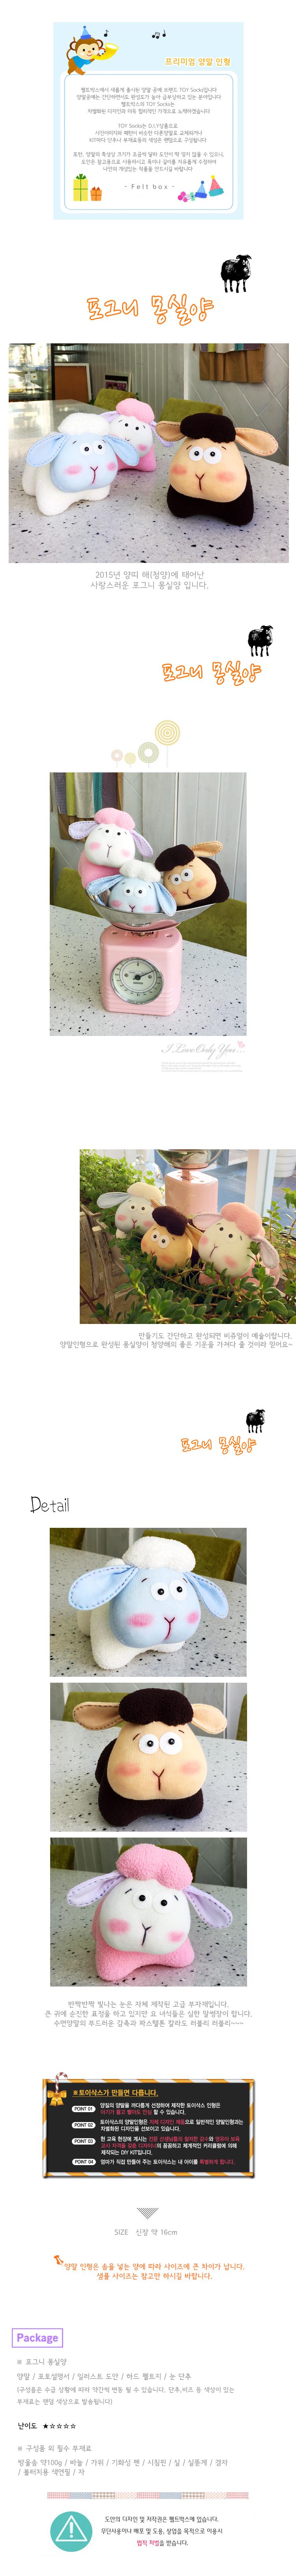 반제품 DIY kit- 포그니몽실양 - 펠트박스, 7,200원, 퀼트/원단공예, 인형 패키지